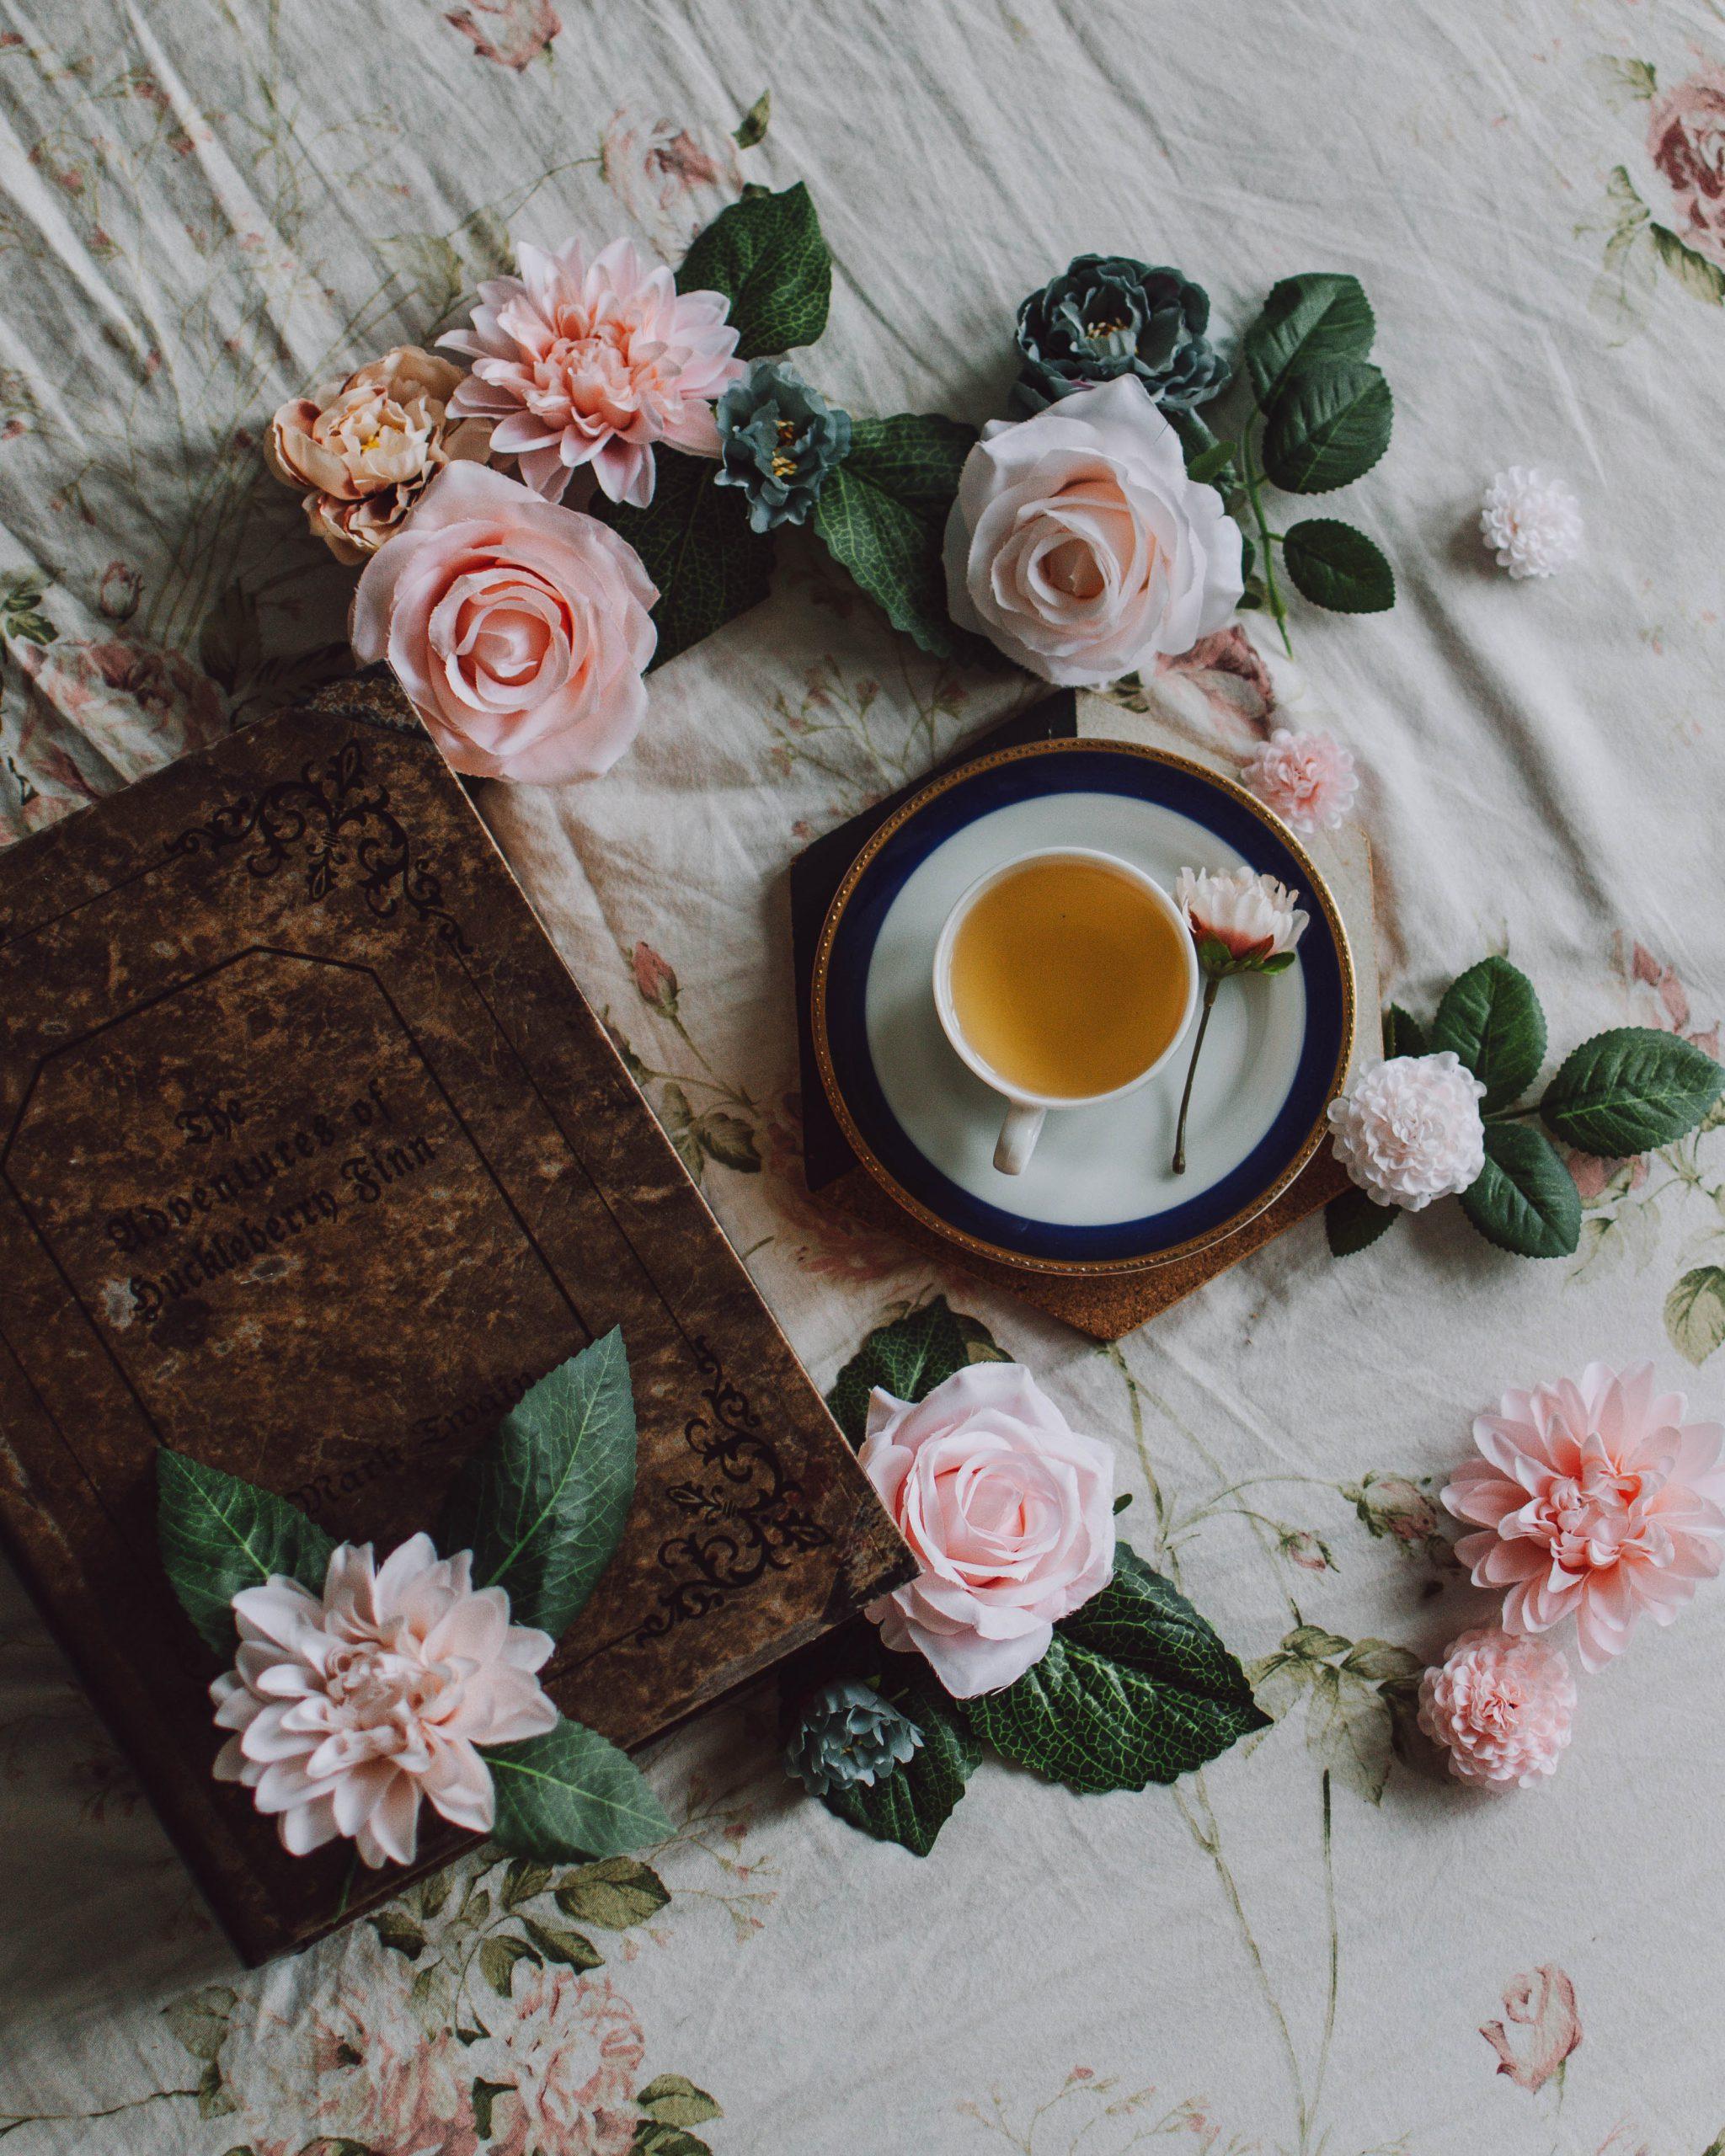 Giá trị của trà hoa hồng không chỉ nằm ở hương vị mà còn nằm ở tác dụng lưu giữ nhan sắc cho phái đẹp